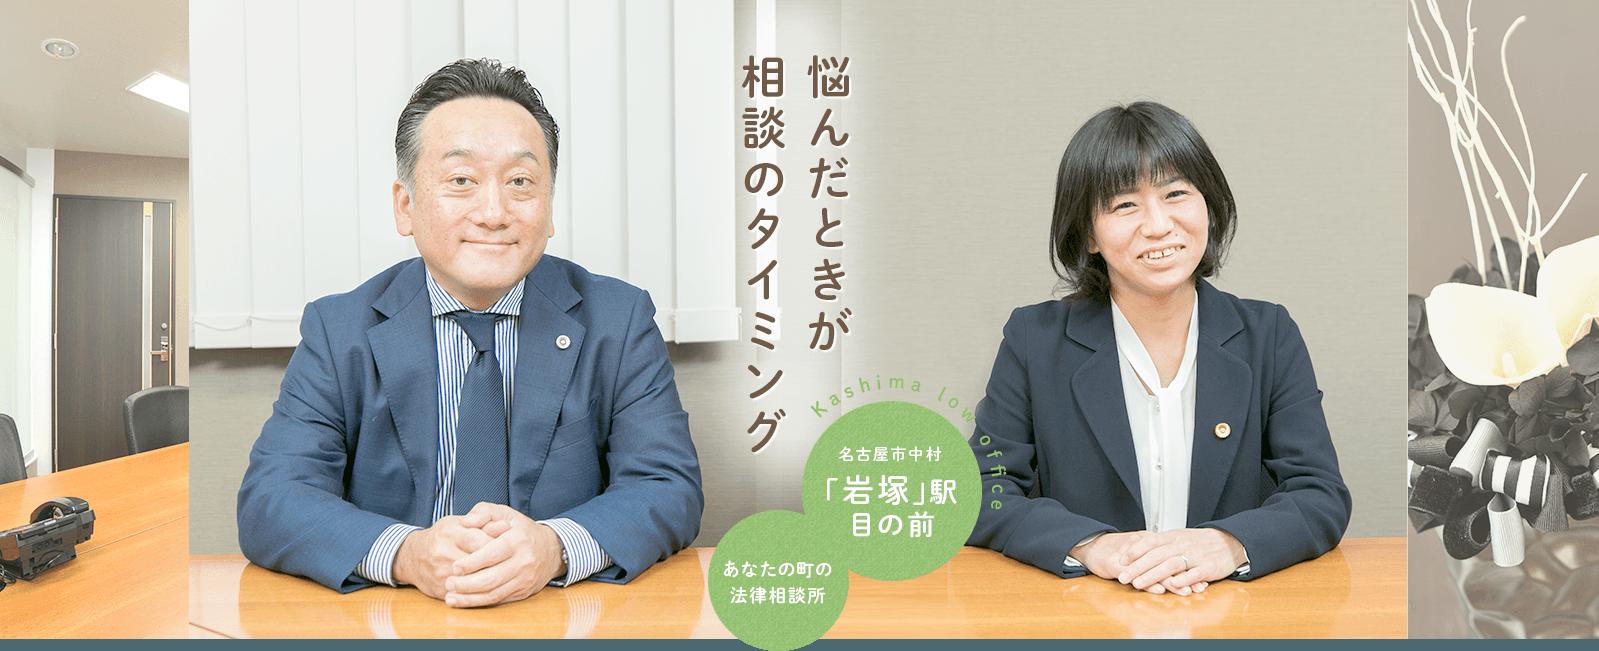 悩んだときが相談のタイミング Kashima low office 名古屋市中村 「岩塚」駅目の前 あなたの町の法律相談所